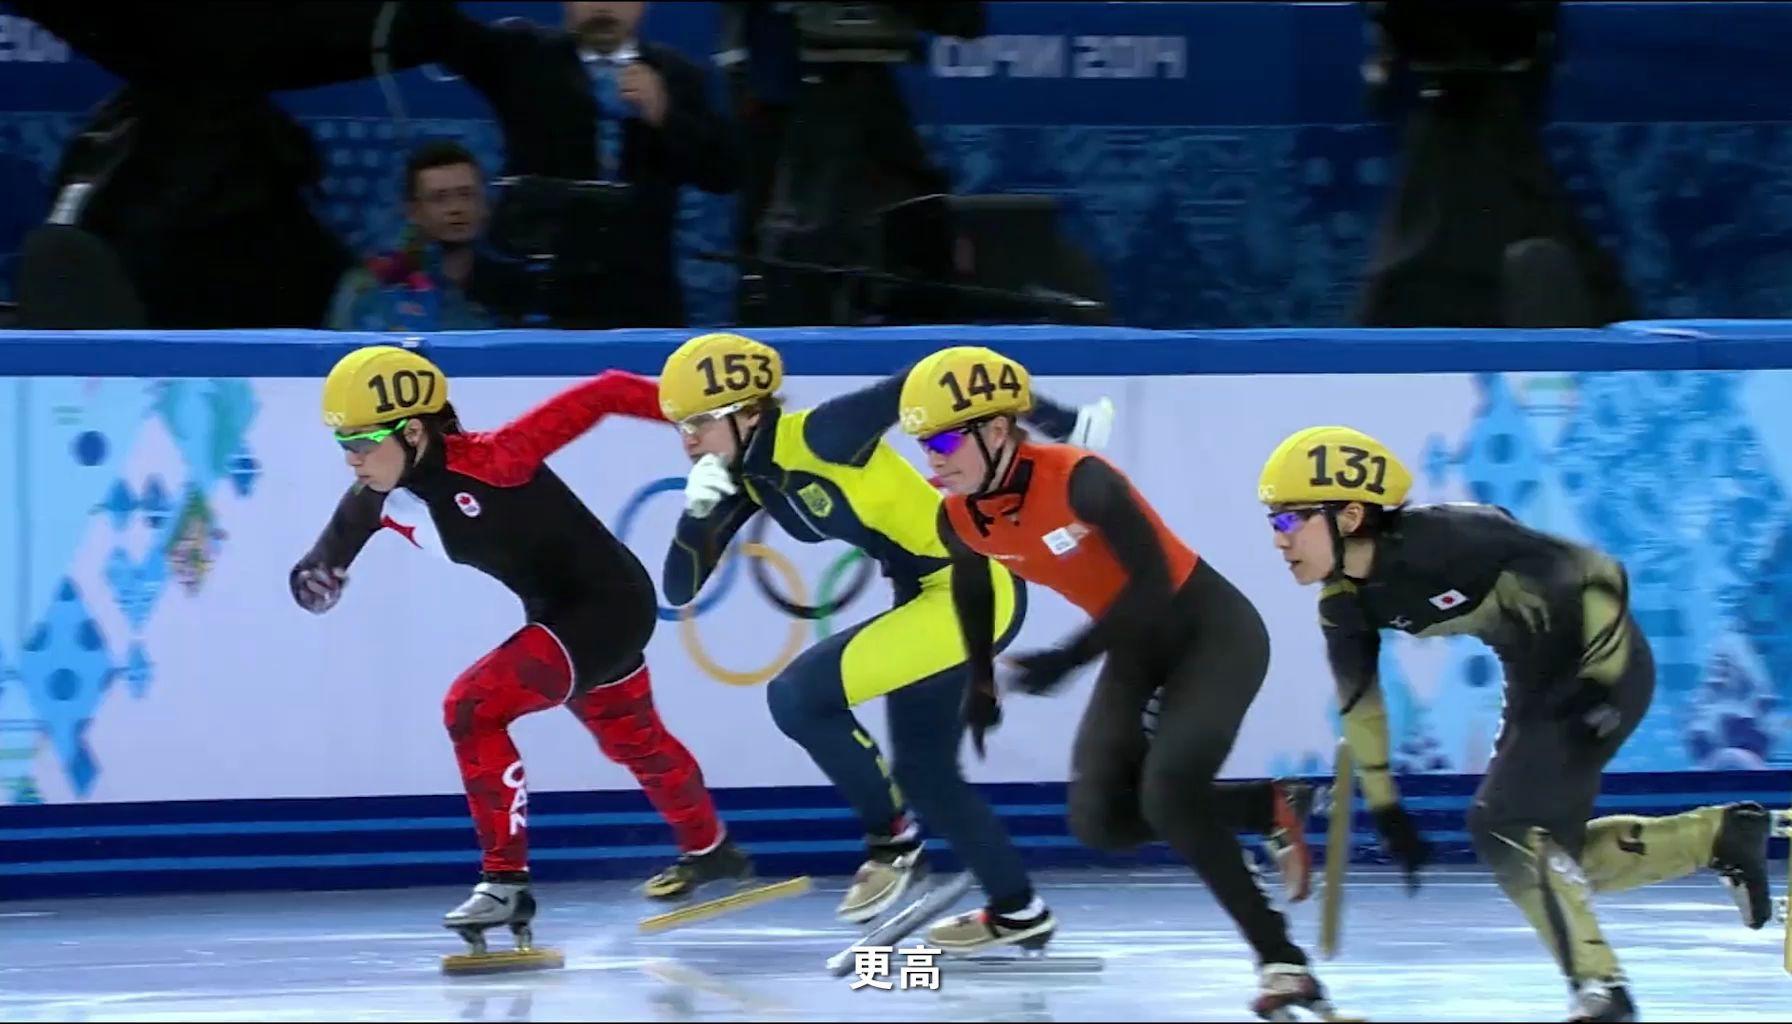 中国银行2022年冬奥会宣传